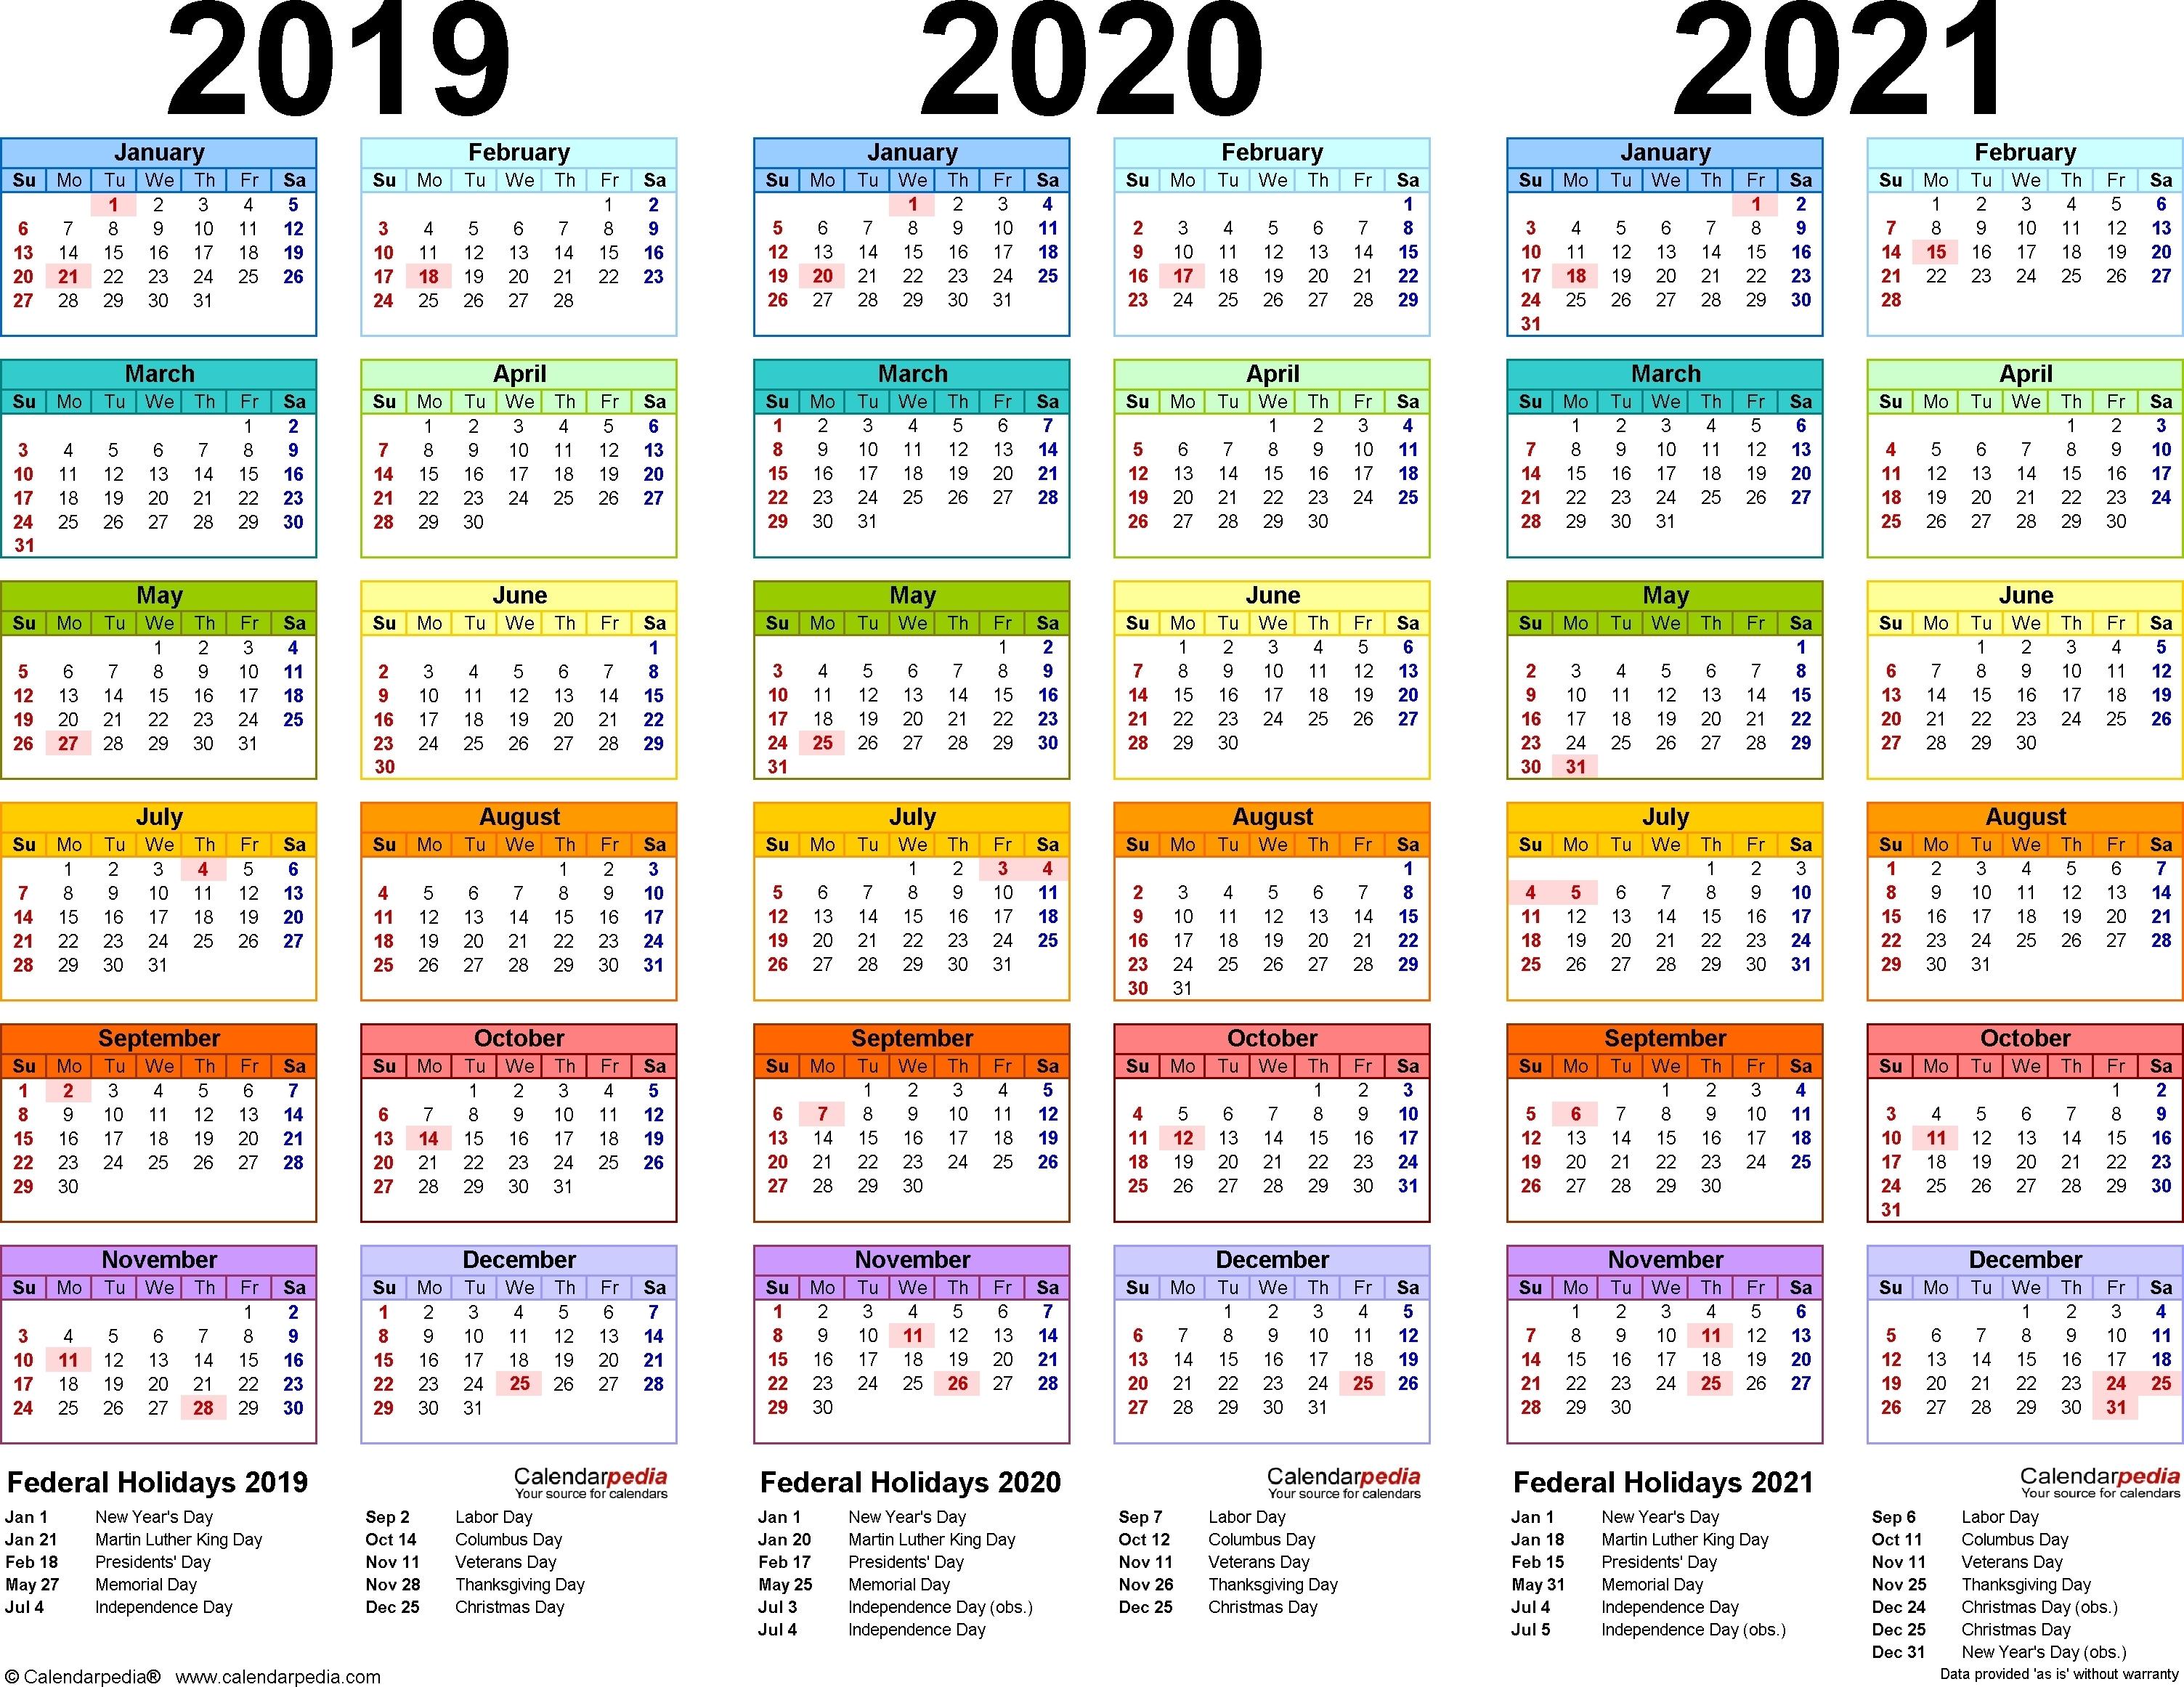 Calendar For School Holidays 2020   Calendar Design Ideas-Printable Calendar 2020 School Holidays Qld